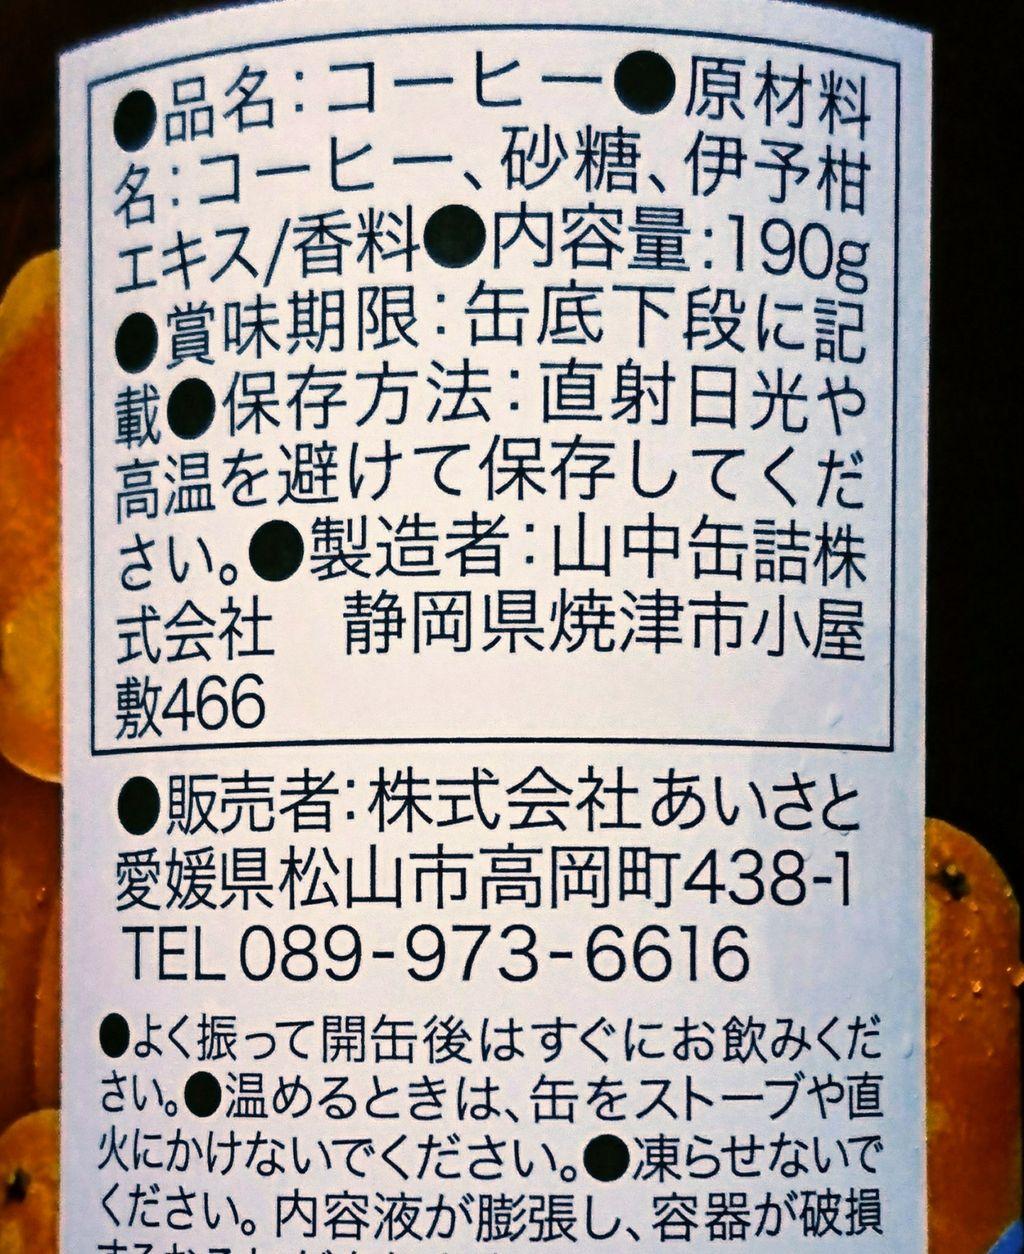 [画像:003ccfe6.jpg]